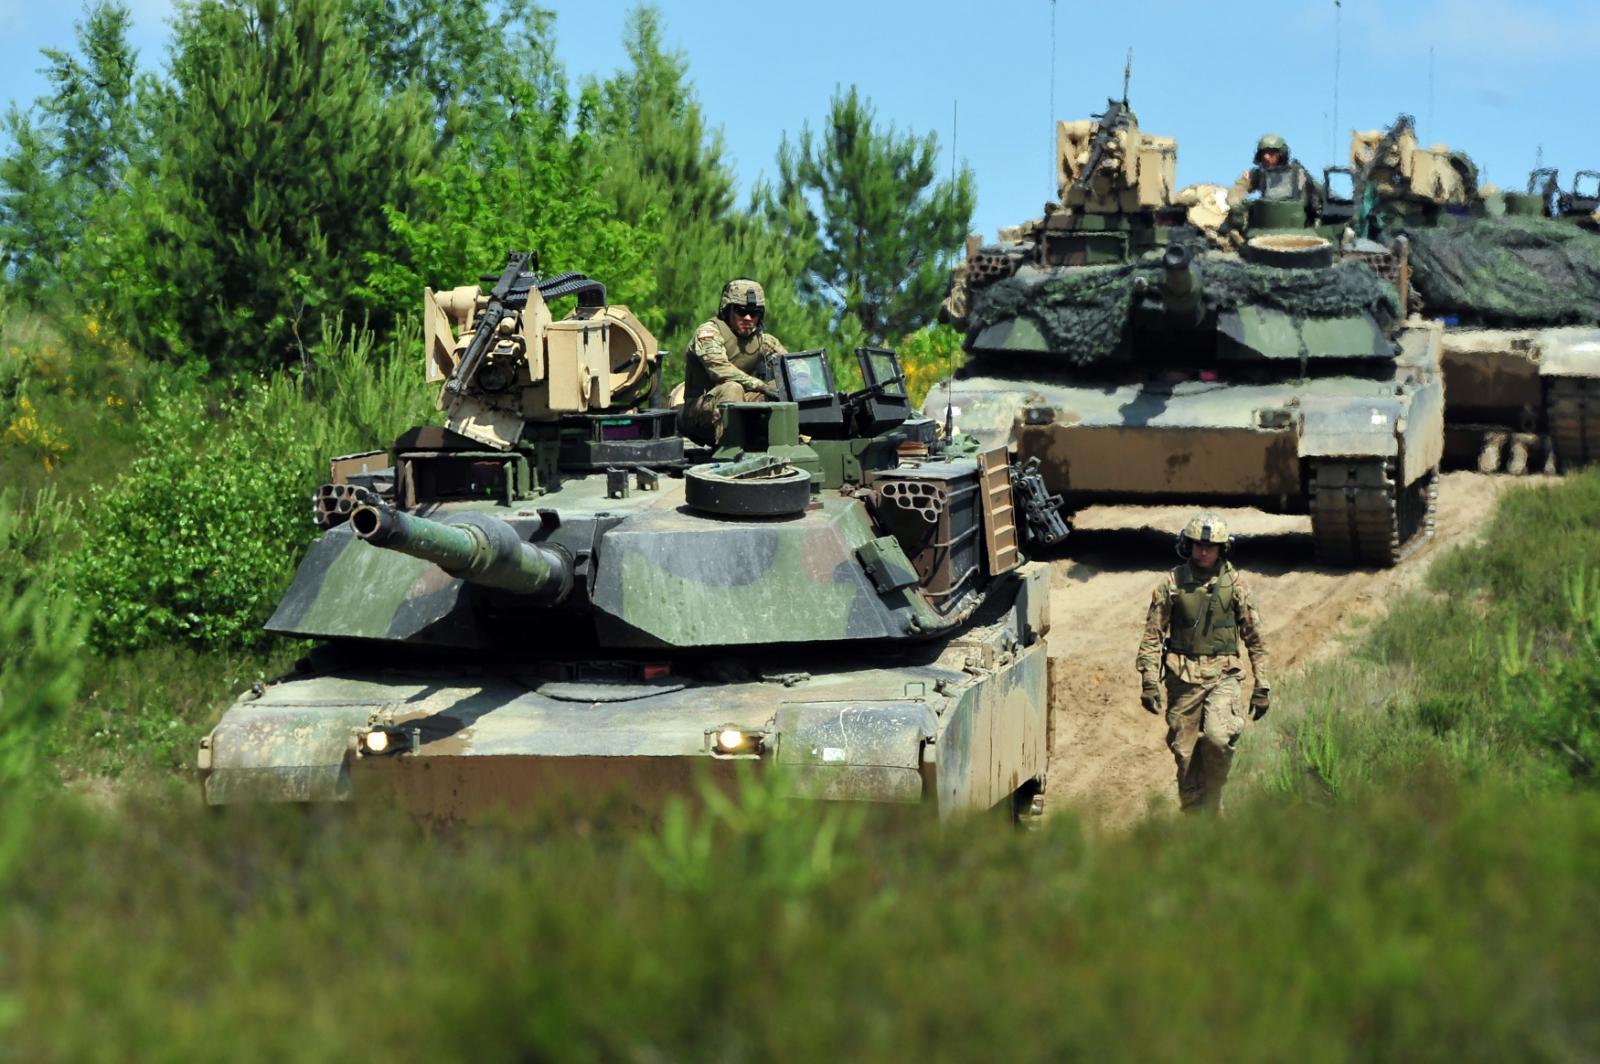 Tanky se připravují na vojenské cvičení Anakonda na severozápadě Polska